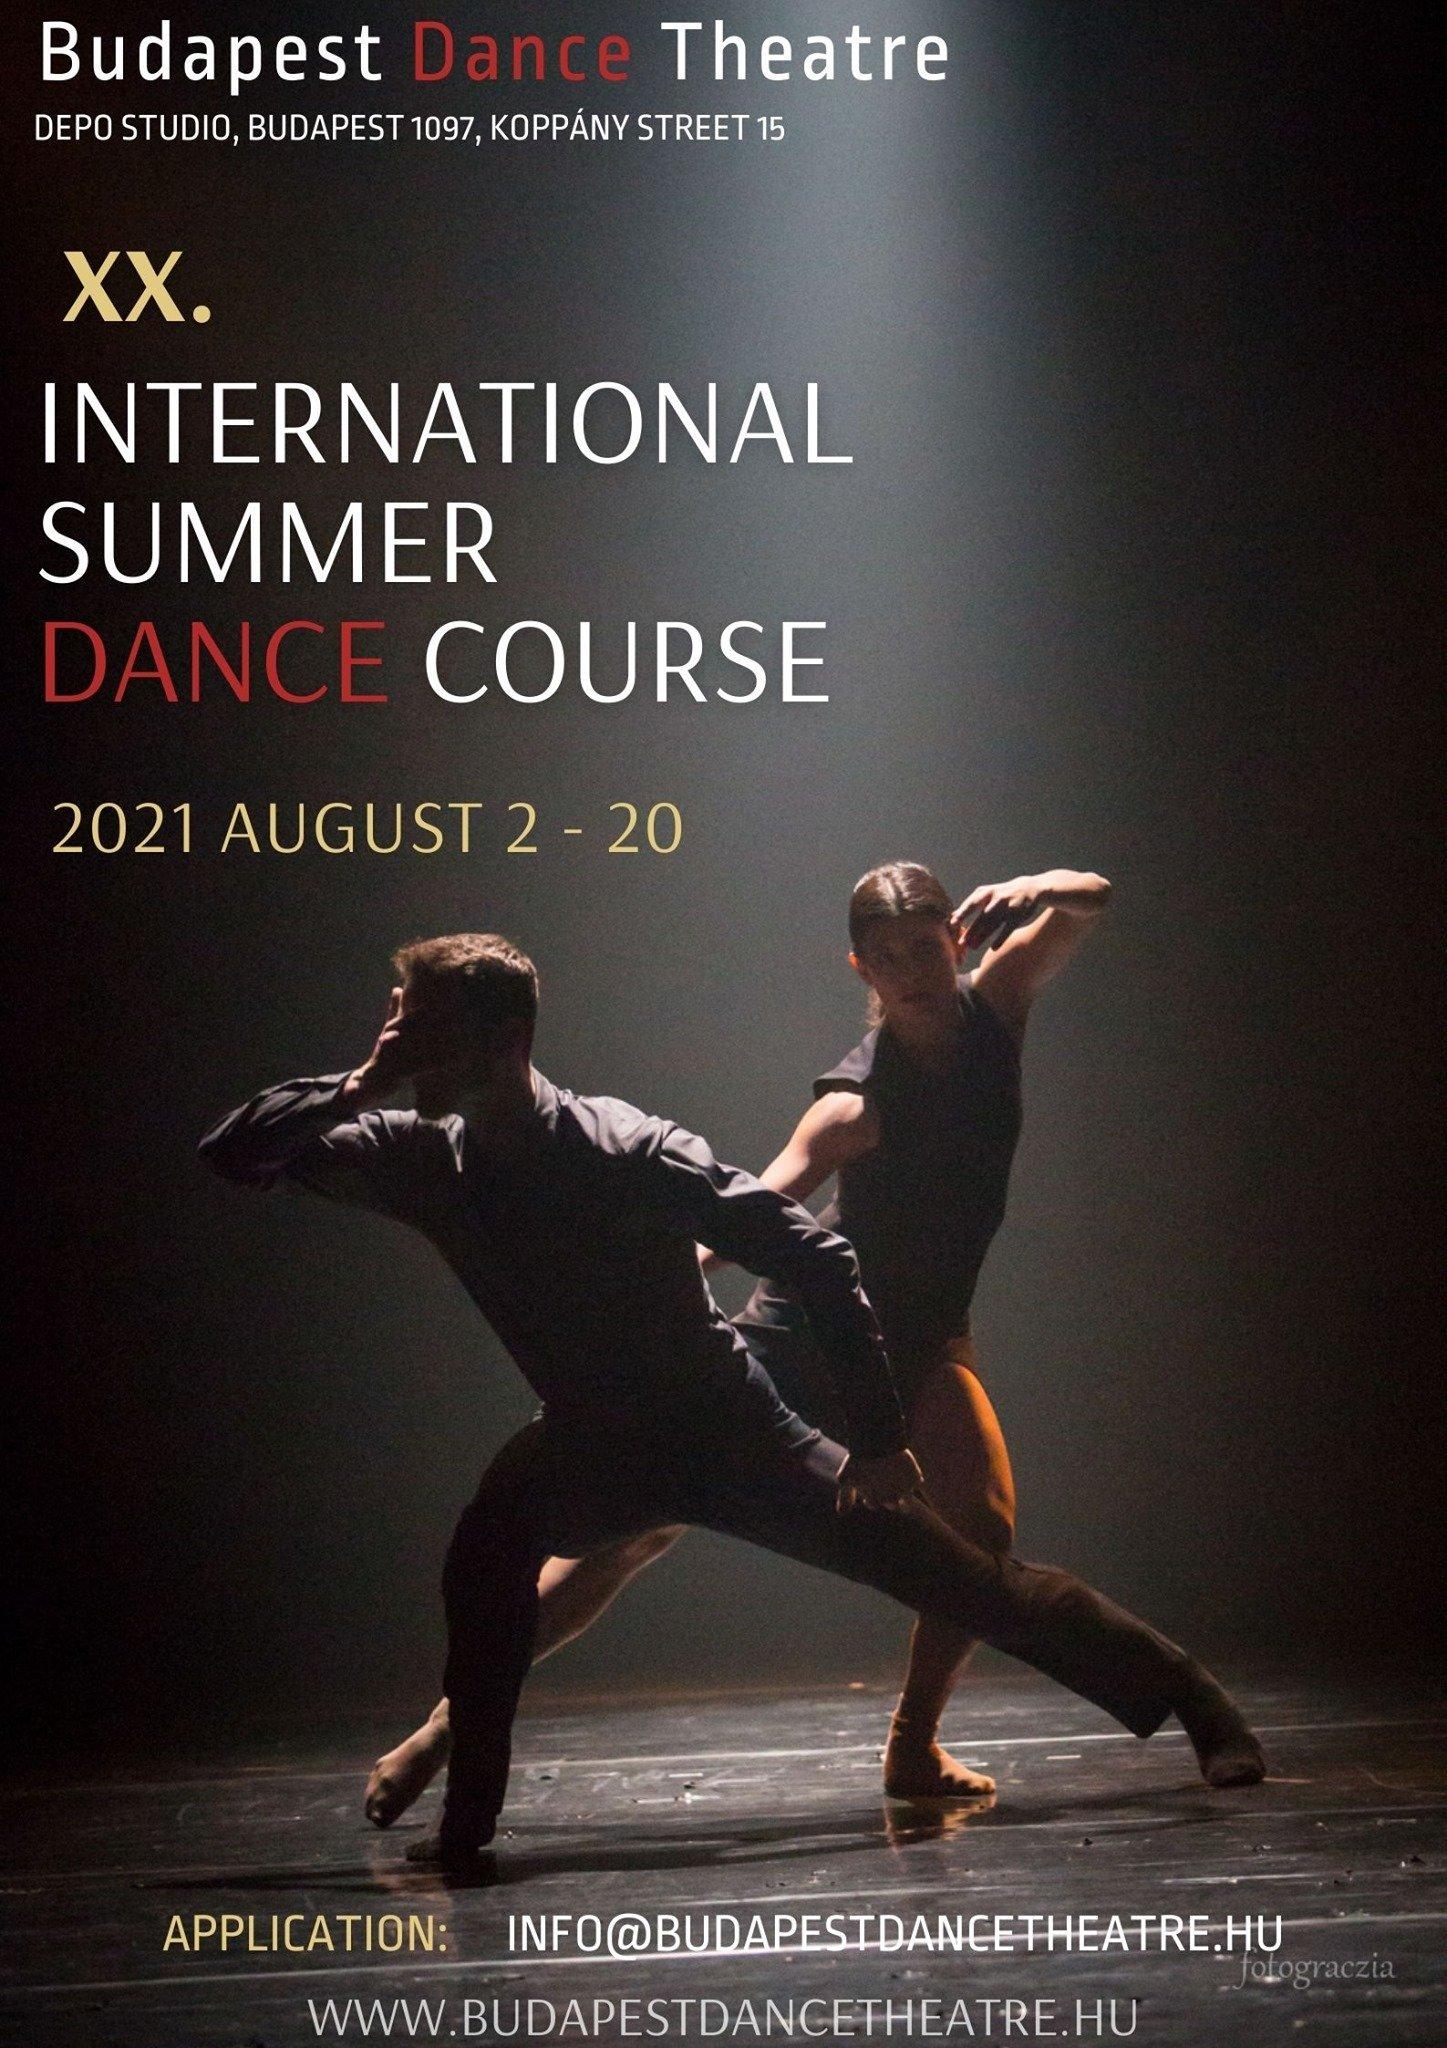 International Summer Dance Course